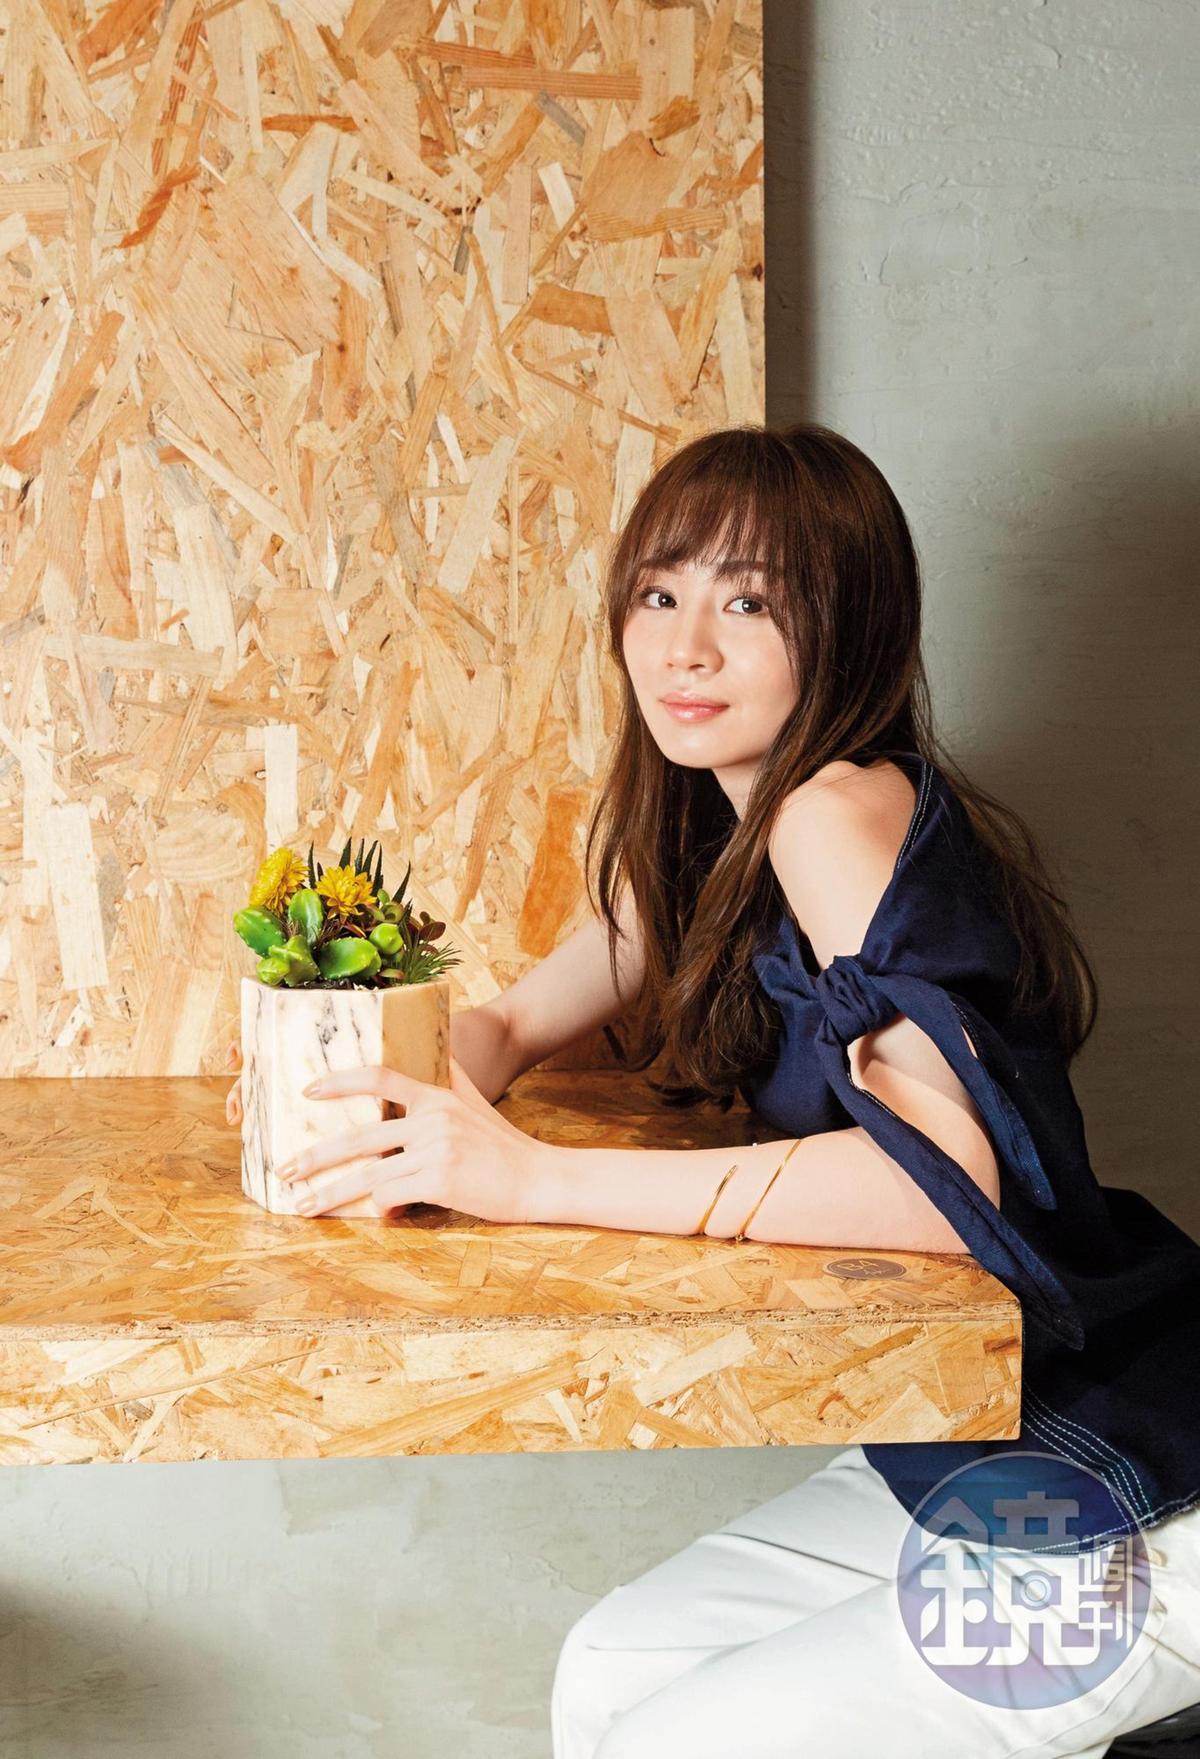 王笠人原本隱身幕後寫歌,卻被公司高層慧眼相中她的歌聲、推上發片歌手之路。